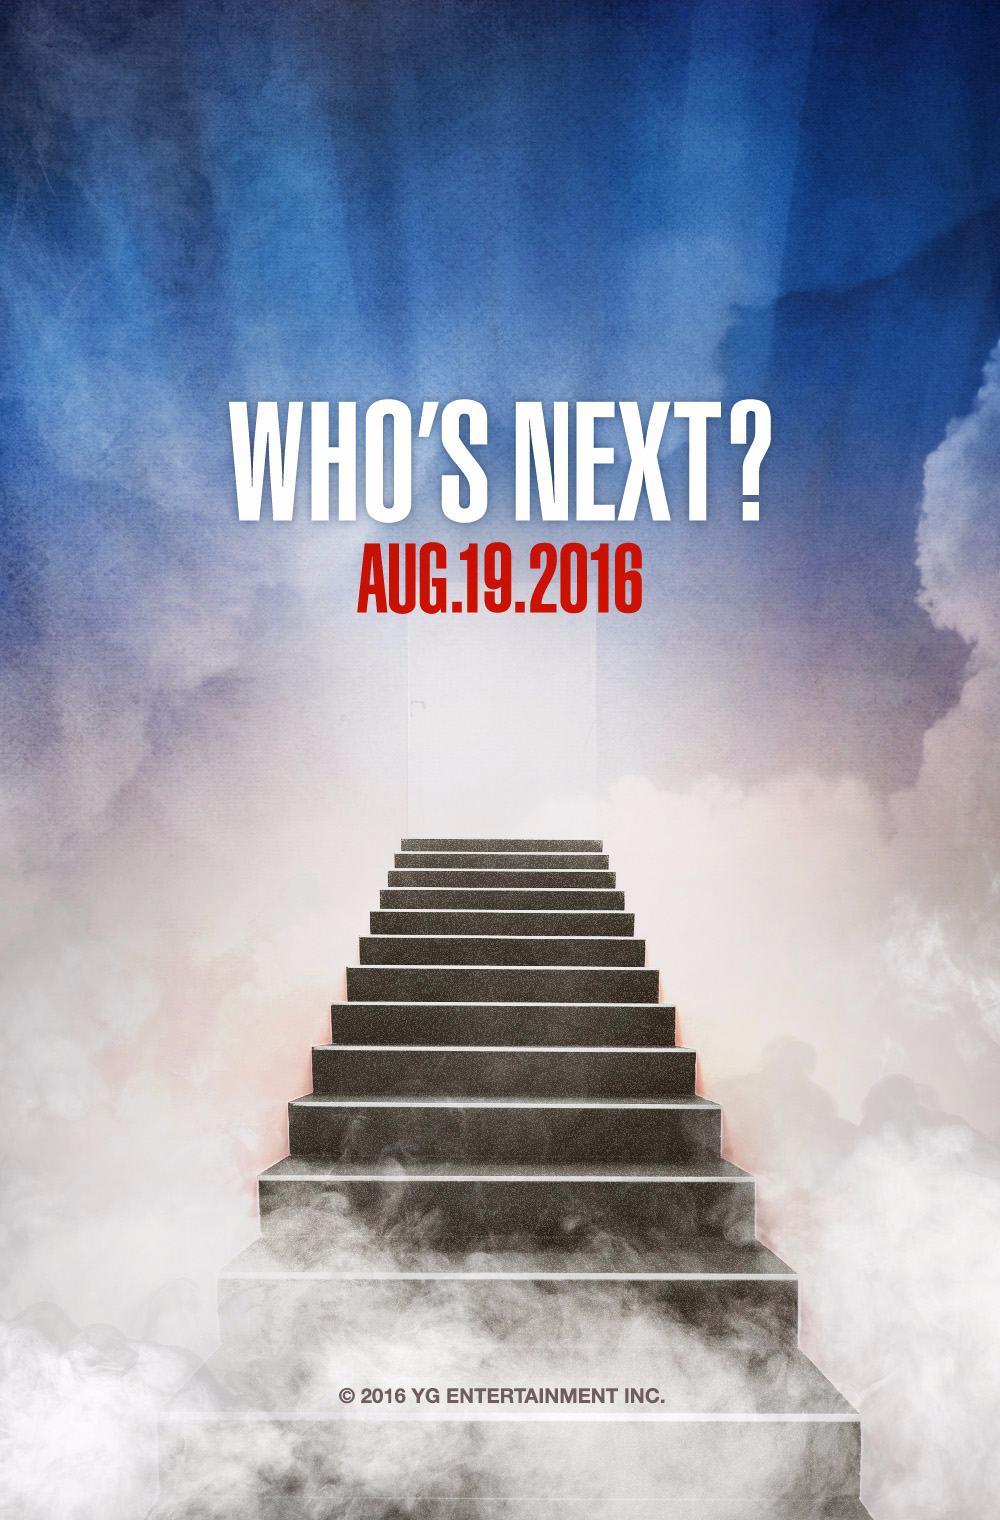 前幾天,YG娛樂又搞老招數,玩不膩的「WHO'S NEXT?」又再度出現了....(翻白眼)